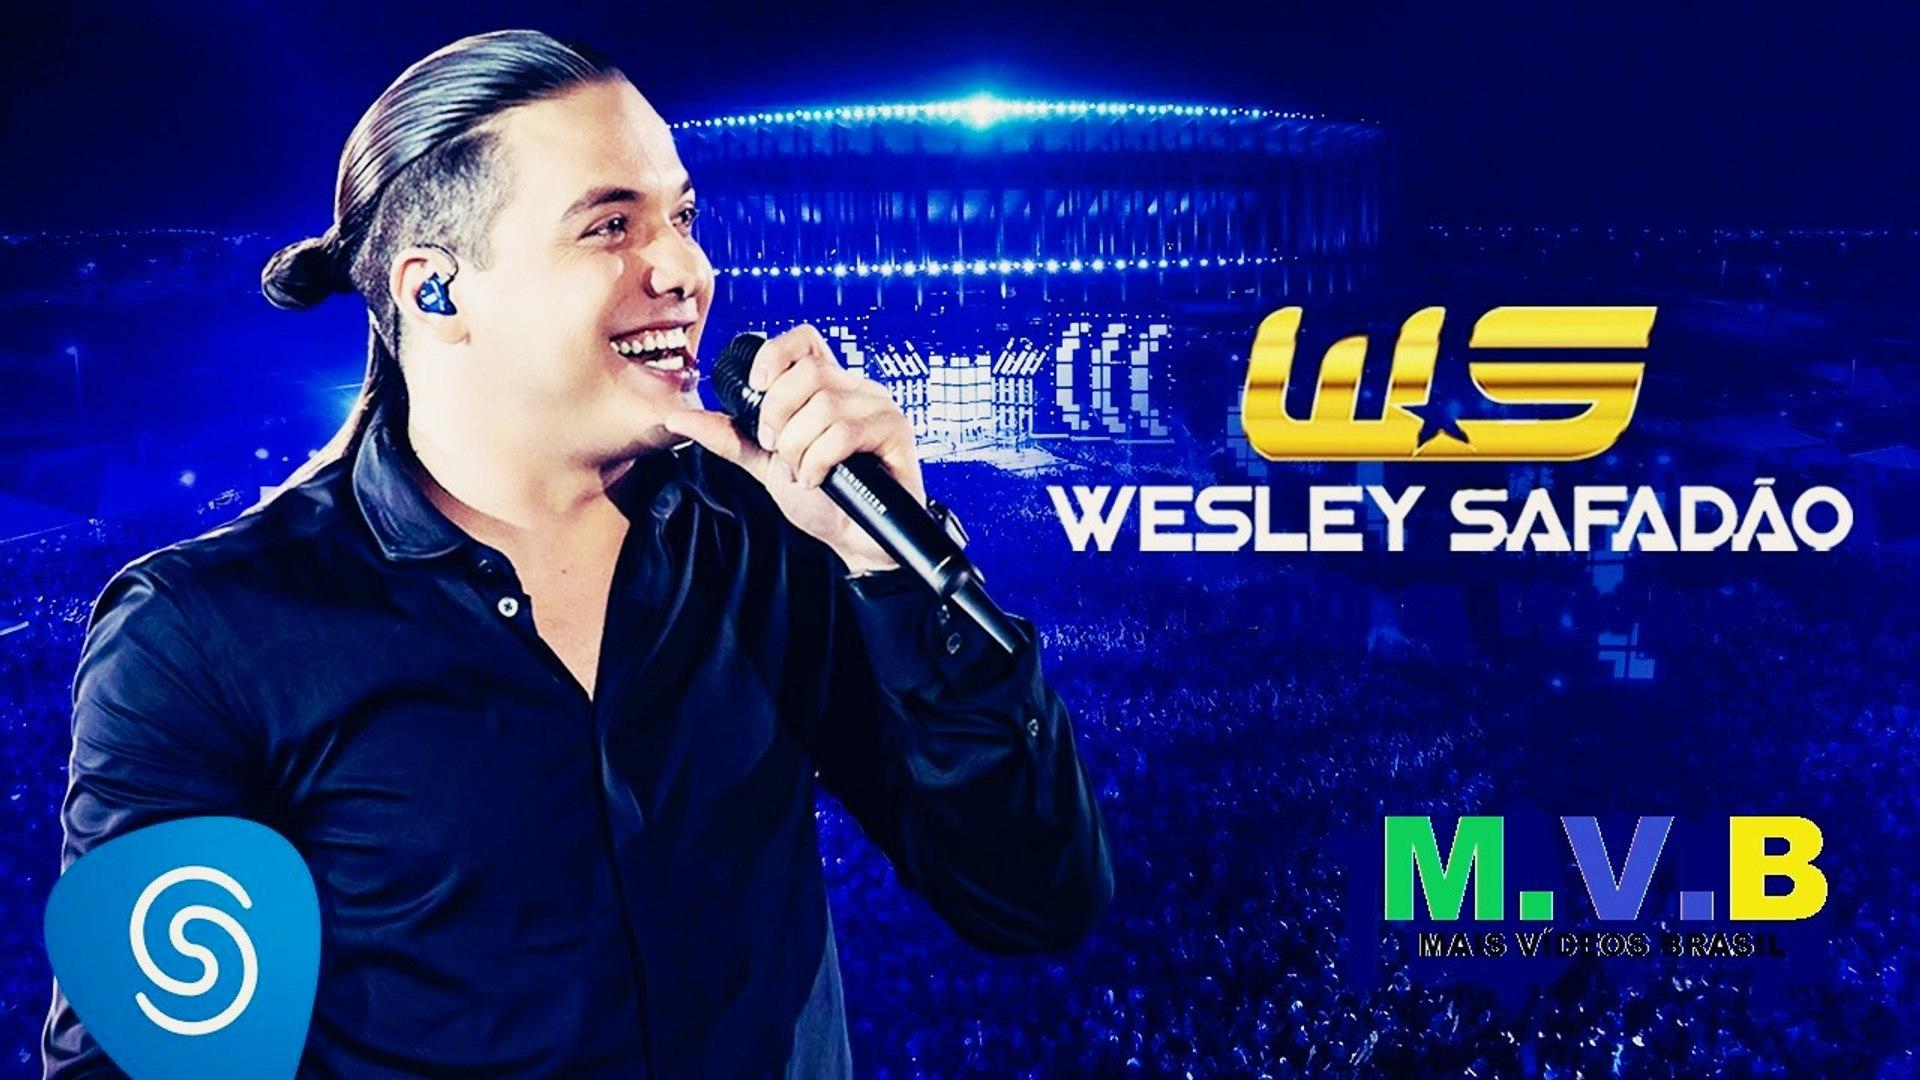 Wesley Safadão-Solteiro de novo-Villa mix Fortaleza 2016